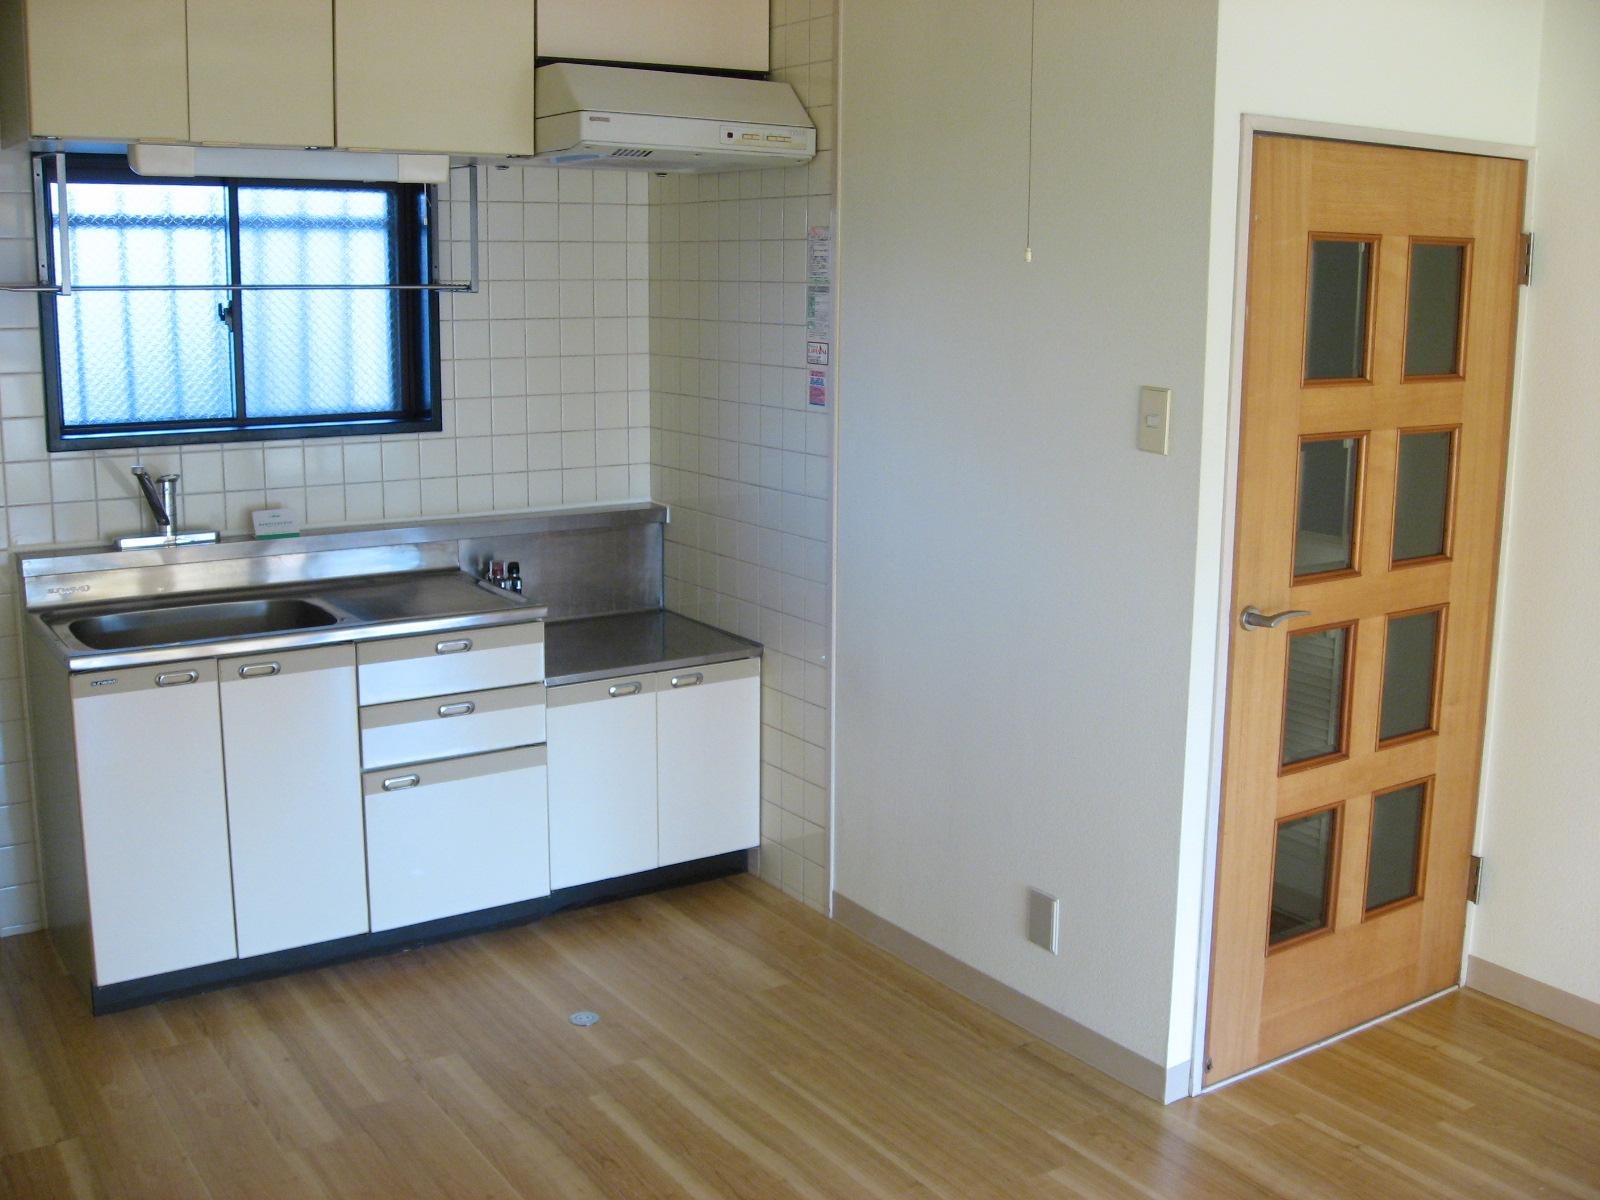 キッチン 嬉しい窓付きキッチンで臭いもこもらず!上下収納あり!